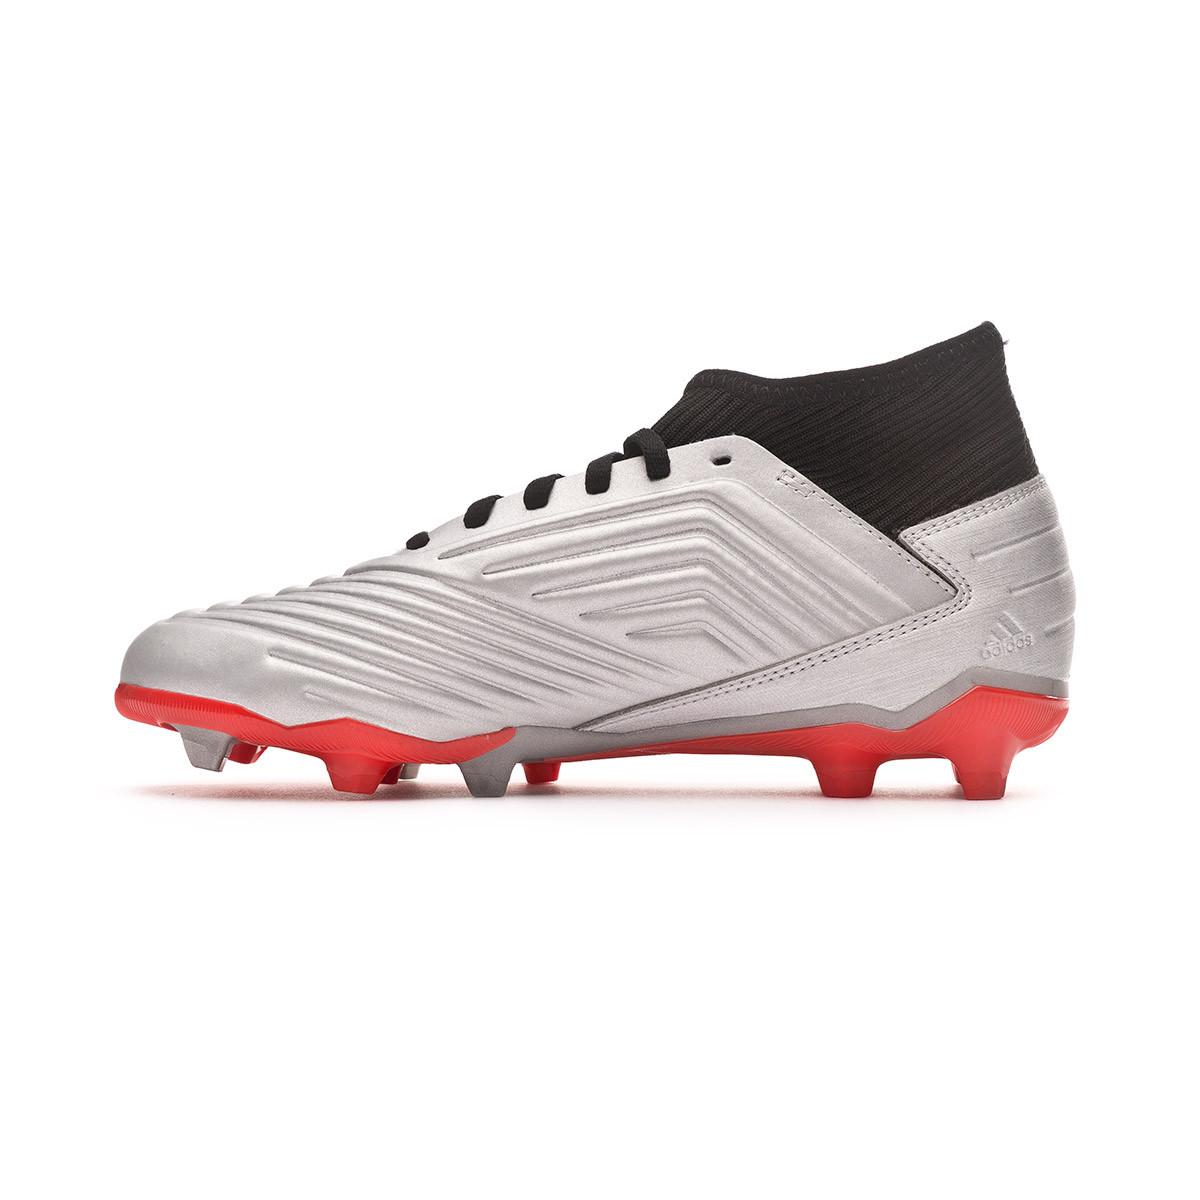 Chaussure de foot adidas Predator 19.3 FG enfant